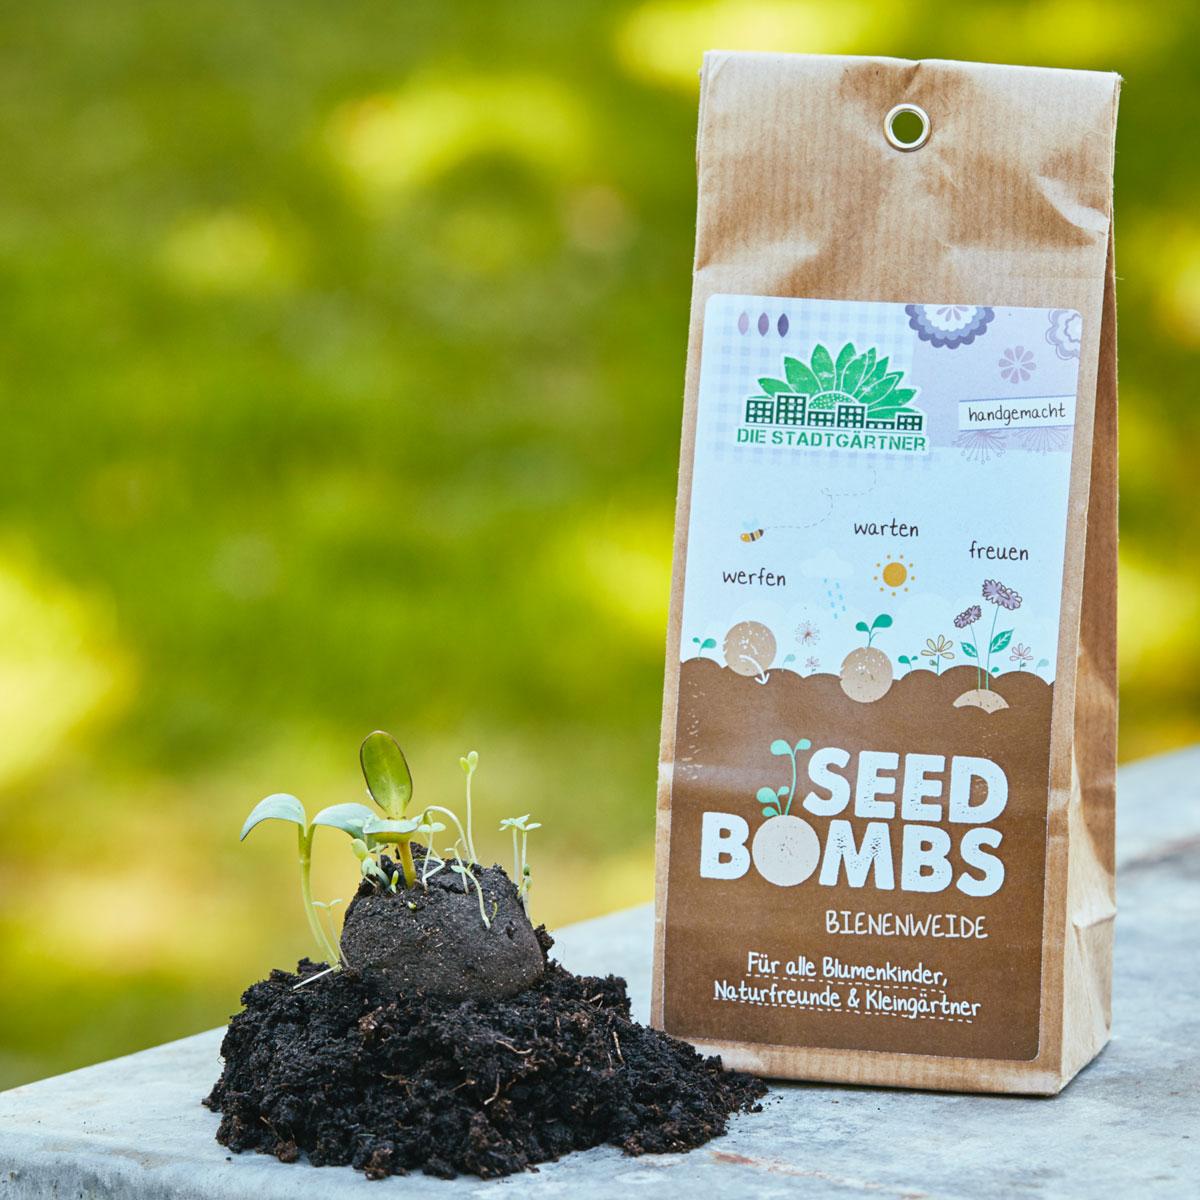 """5 Seedbombs in der Papiertüte """"Bienenweide"""" von Die Stadtgärtner"""